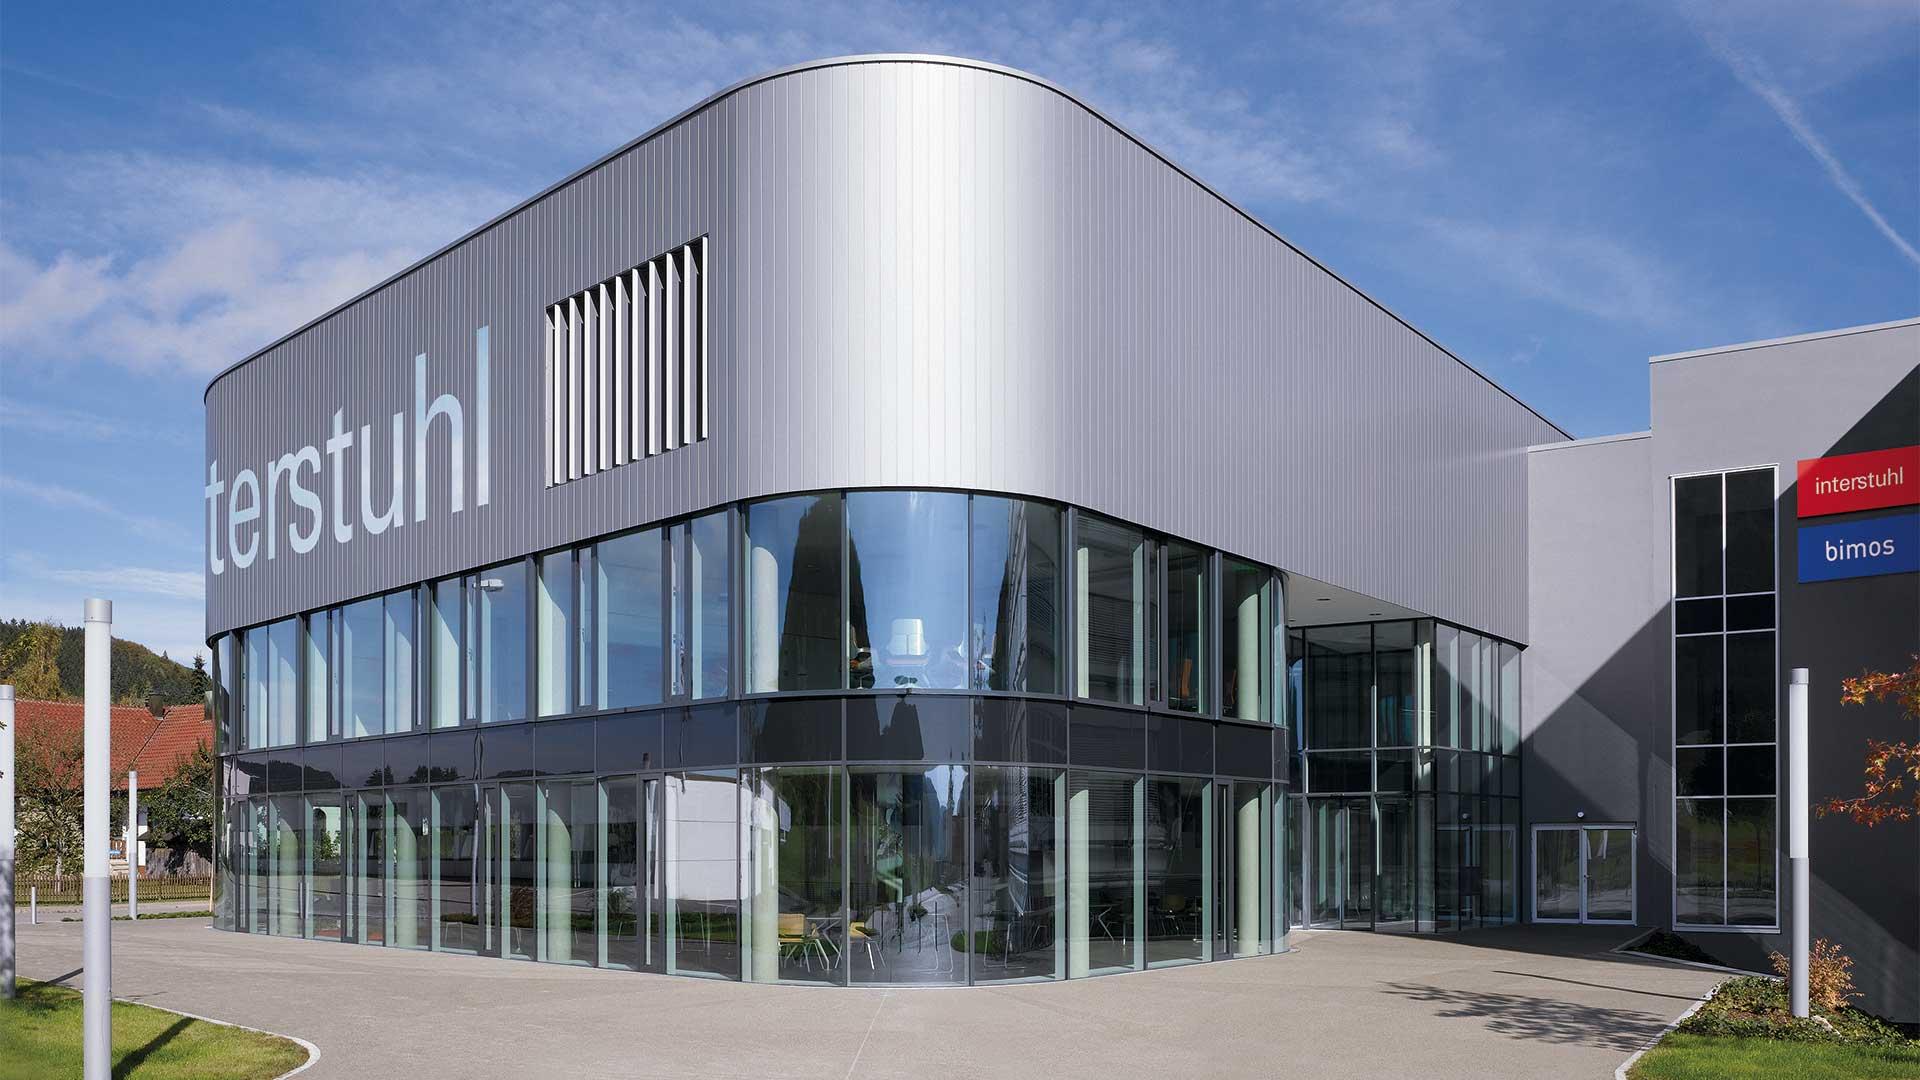 Interstuhl Firmenzentrale in Meßstetten-Thieringen